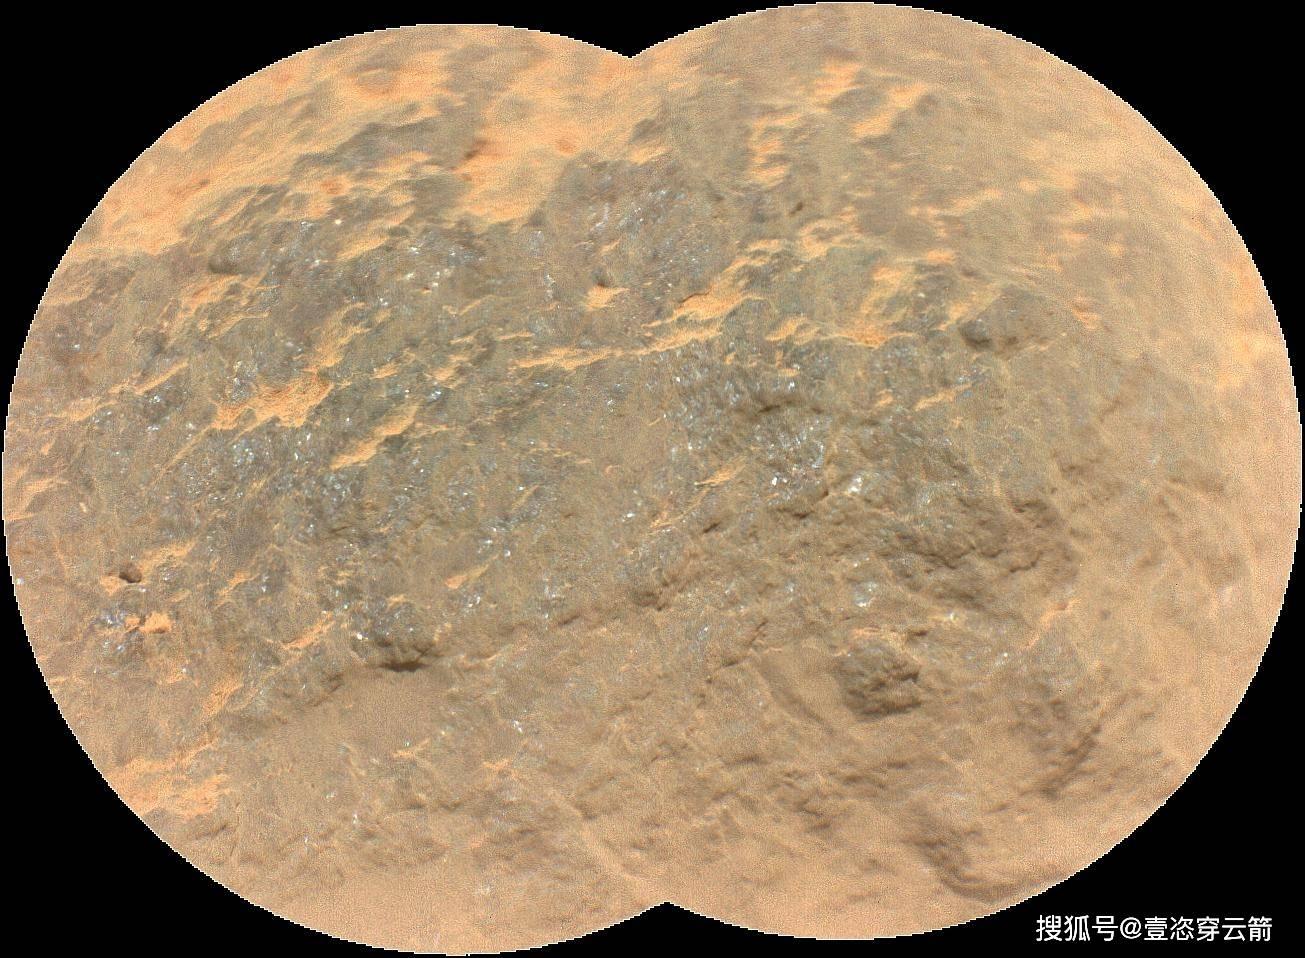 毅力号在火星录到风声 究竟是怎么回事?【图】